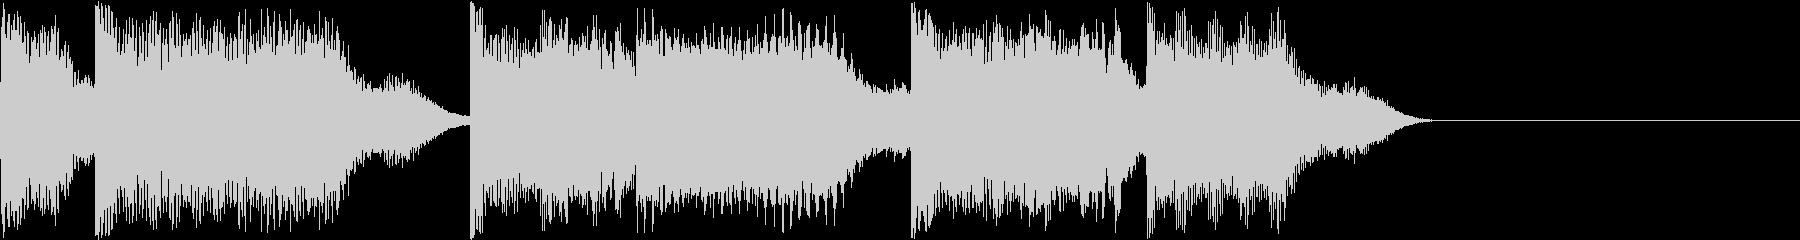 AI メカ/ロボ/マシン動作音 8の未再生の波形